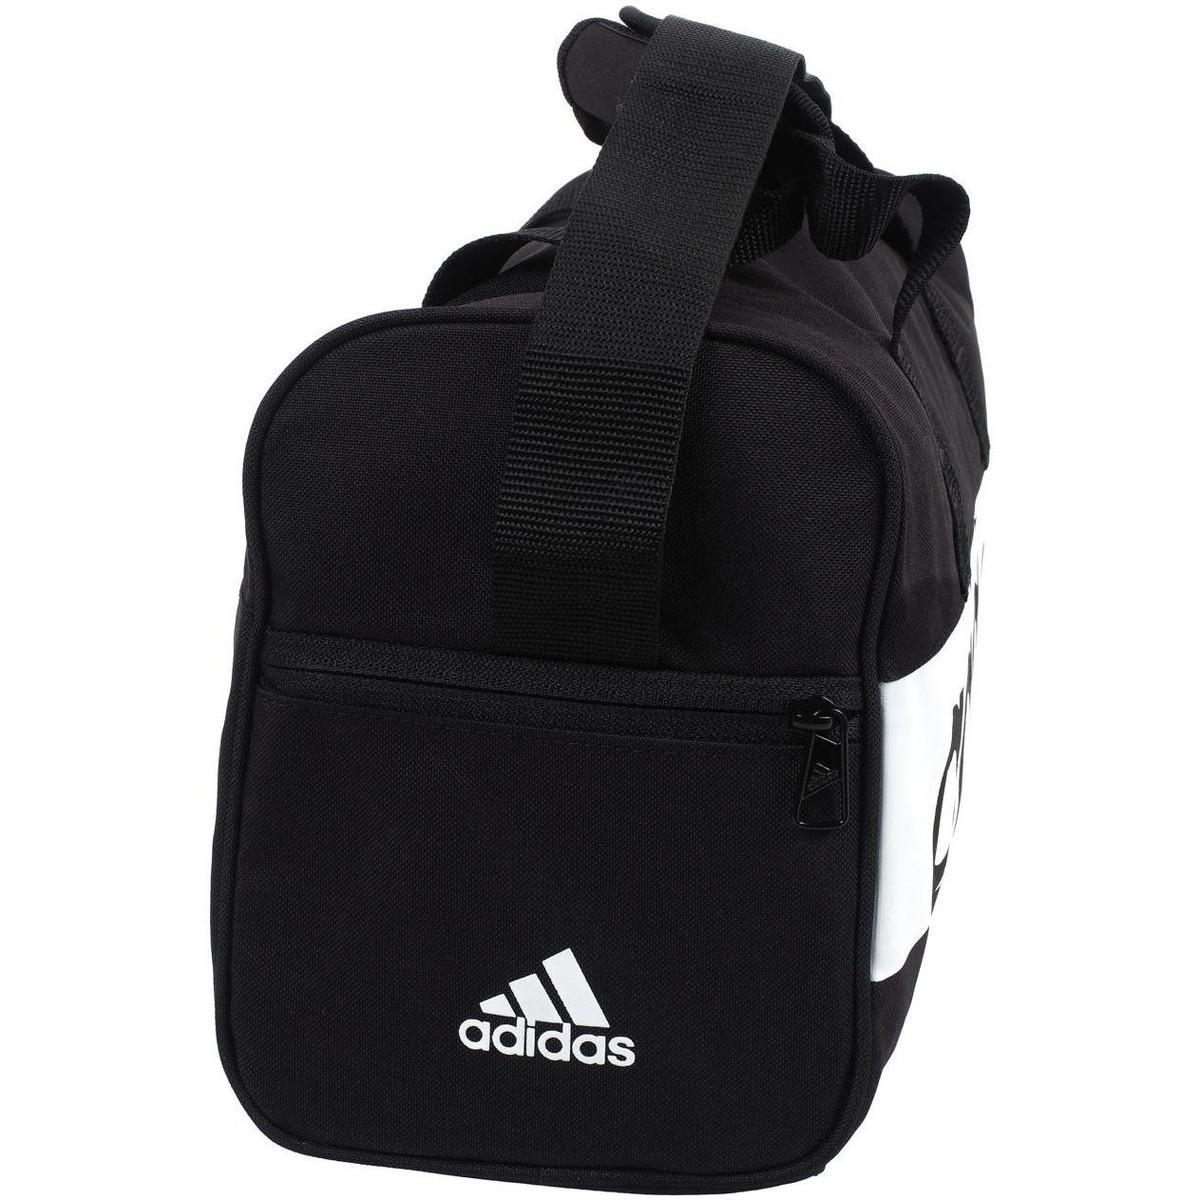 04aafcb102 Lyst - Lin per tb xs noir hommes Sac de sport en Noir adidas pour ...